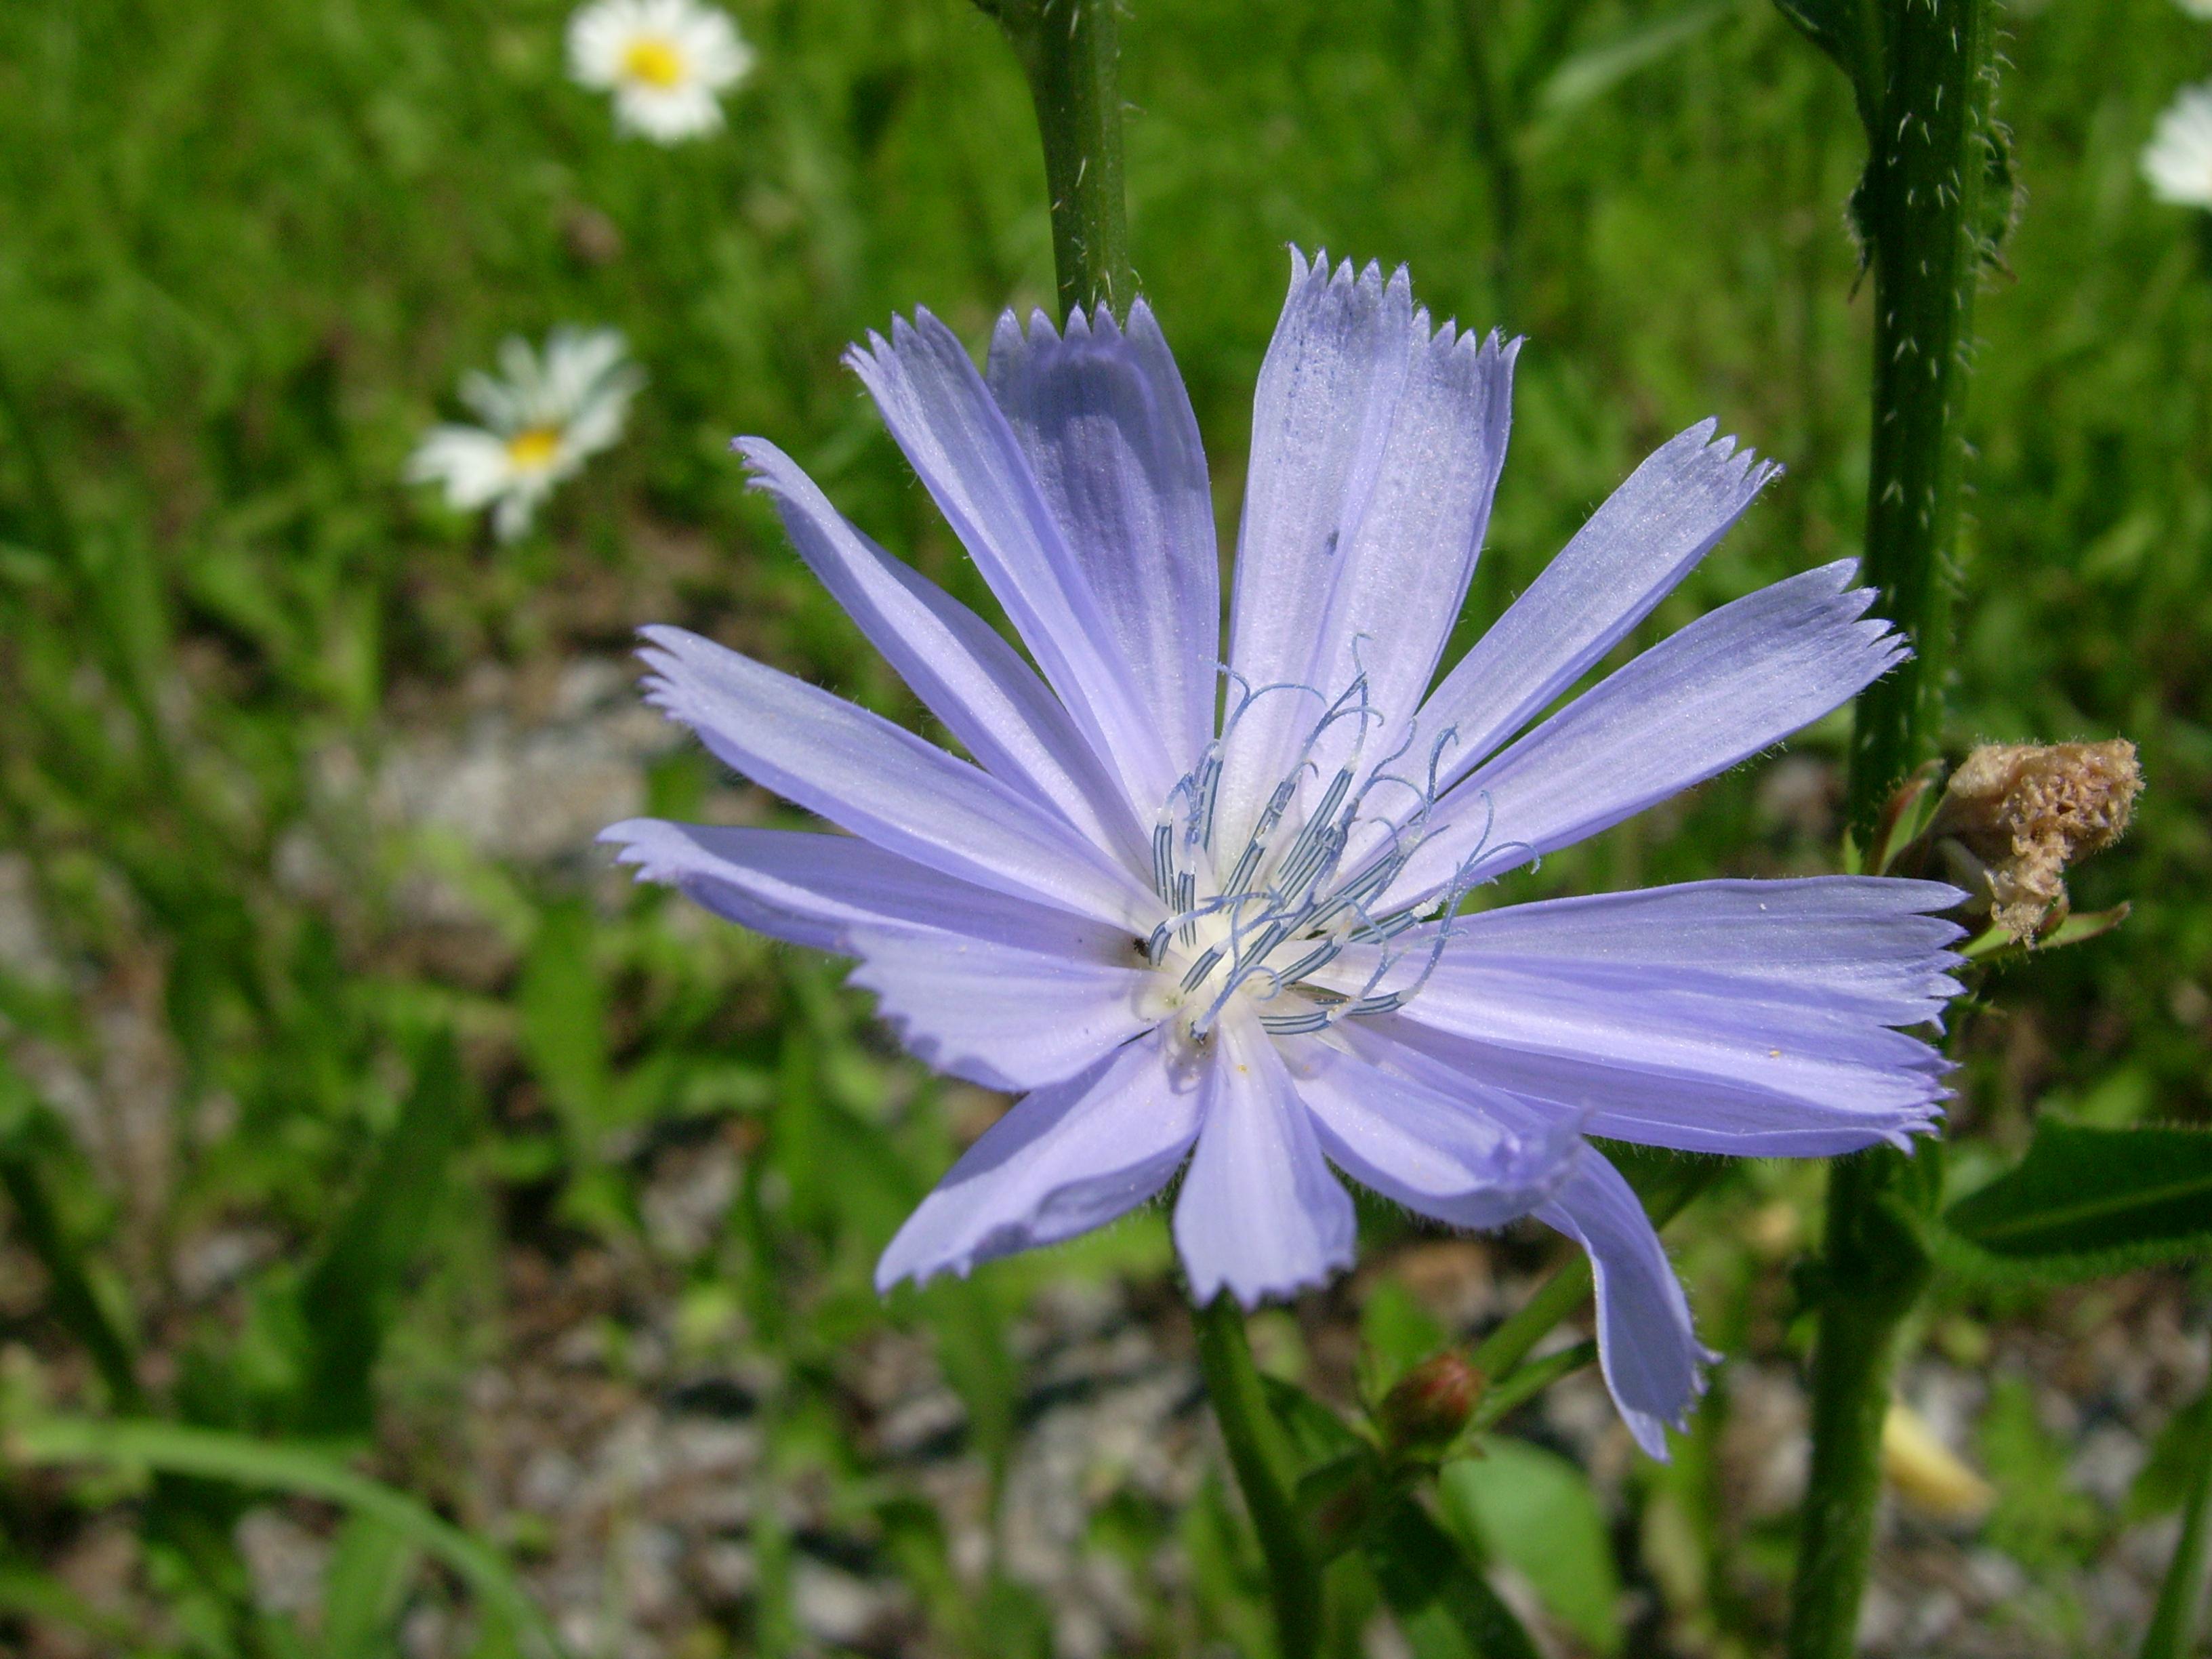 Filechicory flower sc woodlot 2g wikimedia commons filechicory flower sc woodlot 2g mightylinksfo